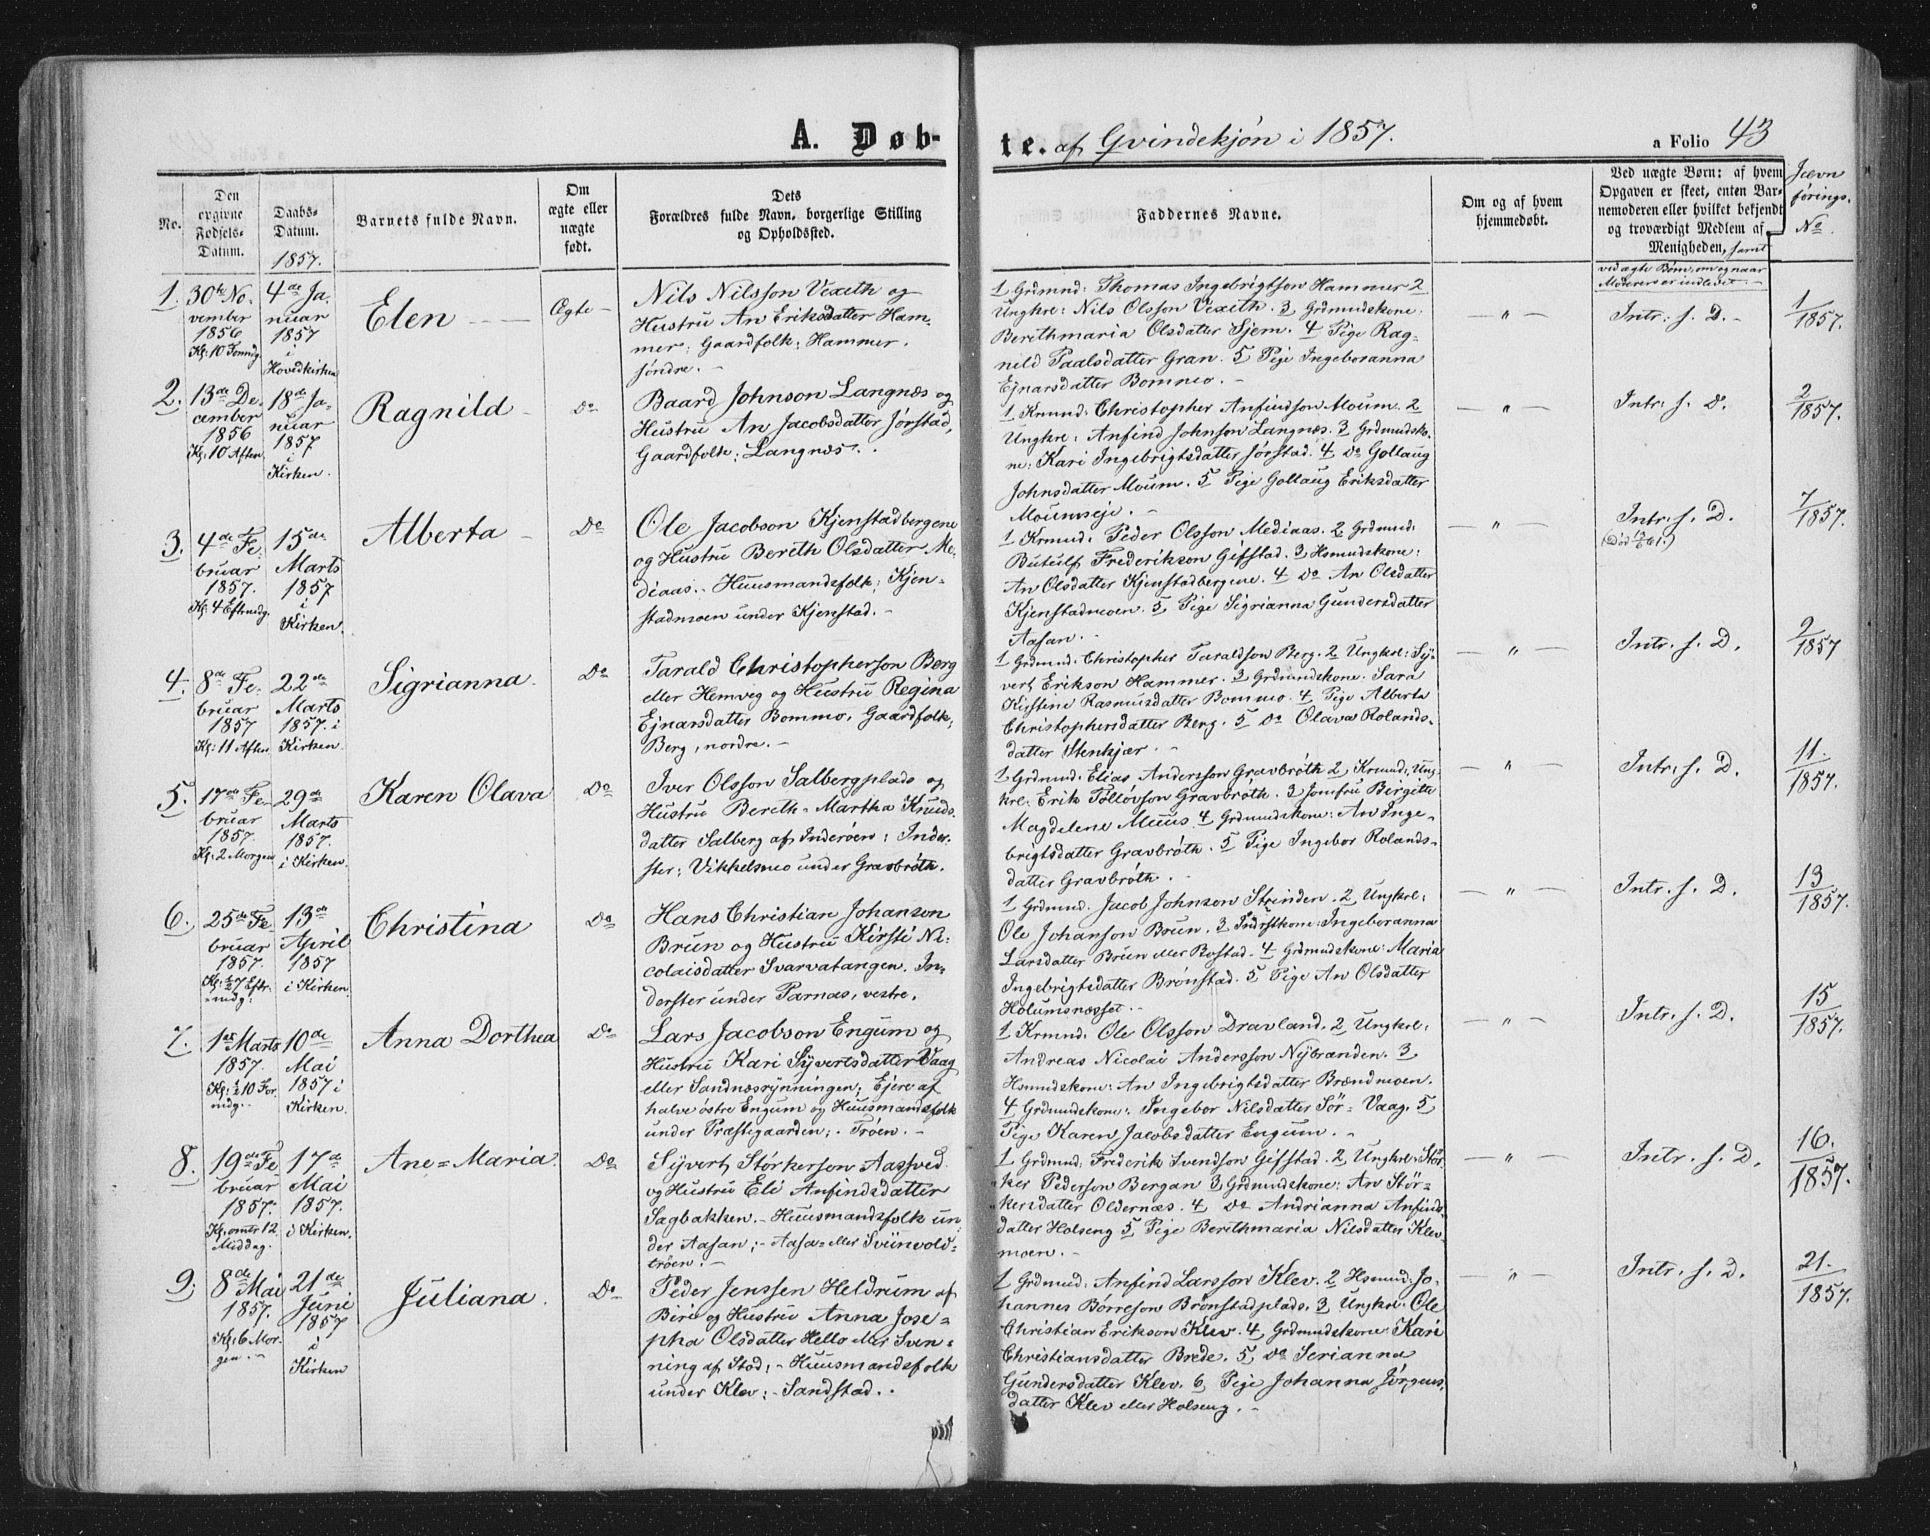 SAT, Ministerialprotokoller, klokkerbøker og fødselsregistre - Nord-Trøndelag, 749/L0472: Ministerialbok nr. 749A06, 1857-1873, s. 43